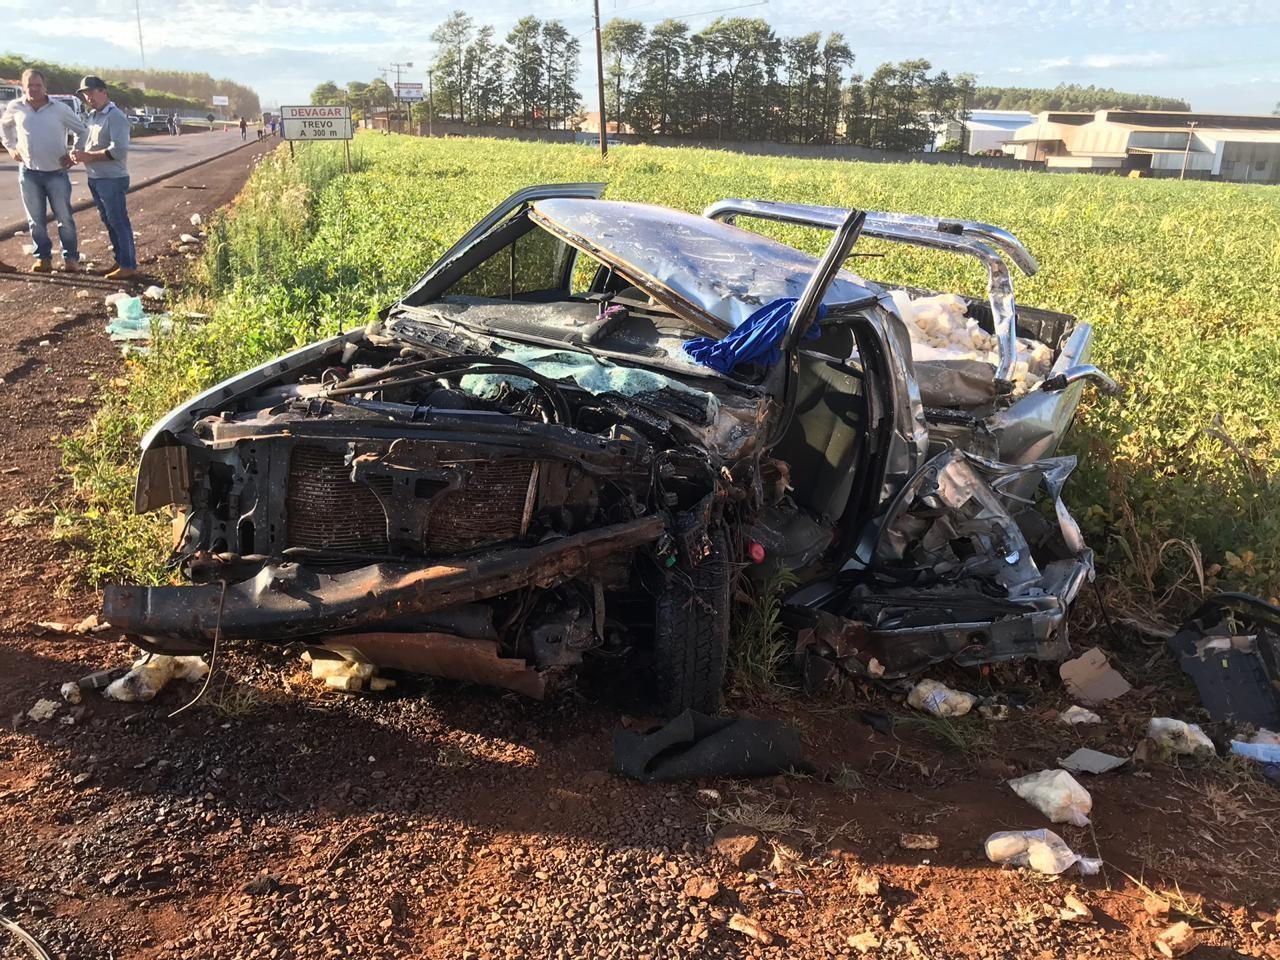 Rapaz fica gravemente ferido em acidente entre caminhonete e caminhão na PR-486, em Assis Chateaubriand - Noticias